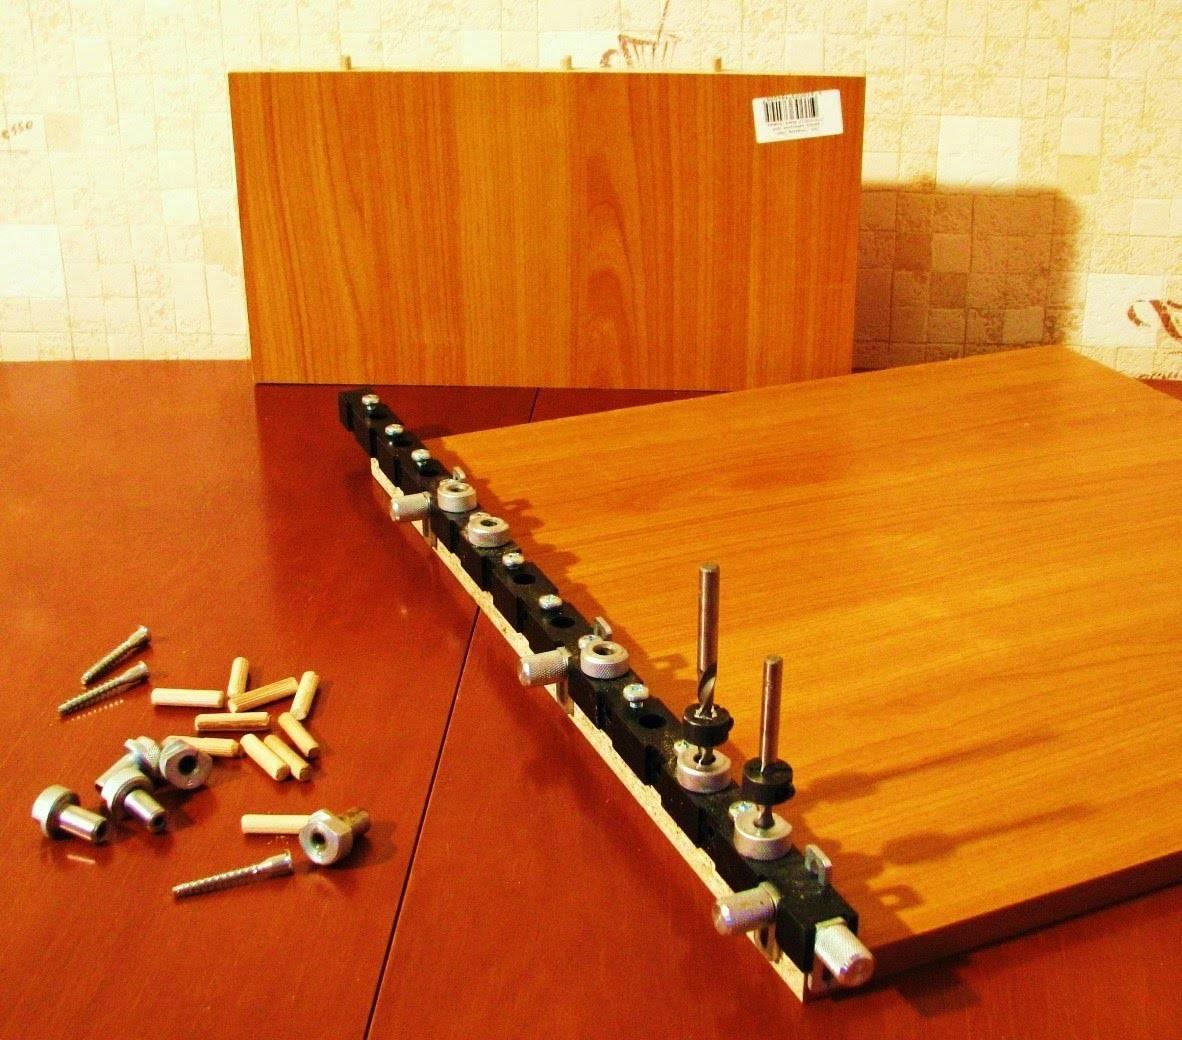 Кондуктор для сверления отверстий: обзор устройства, изготовление